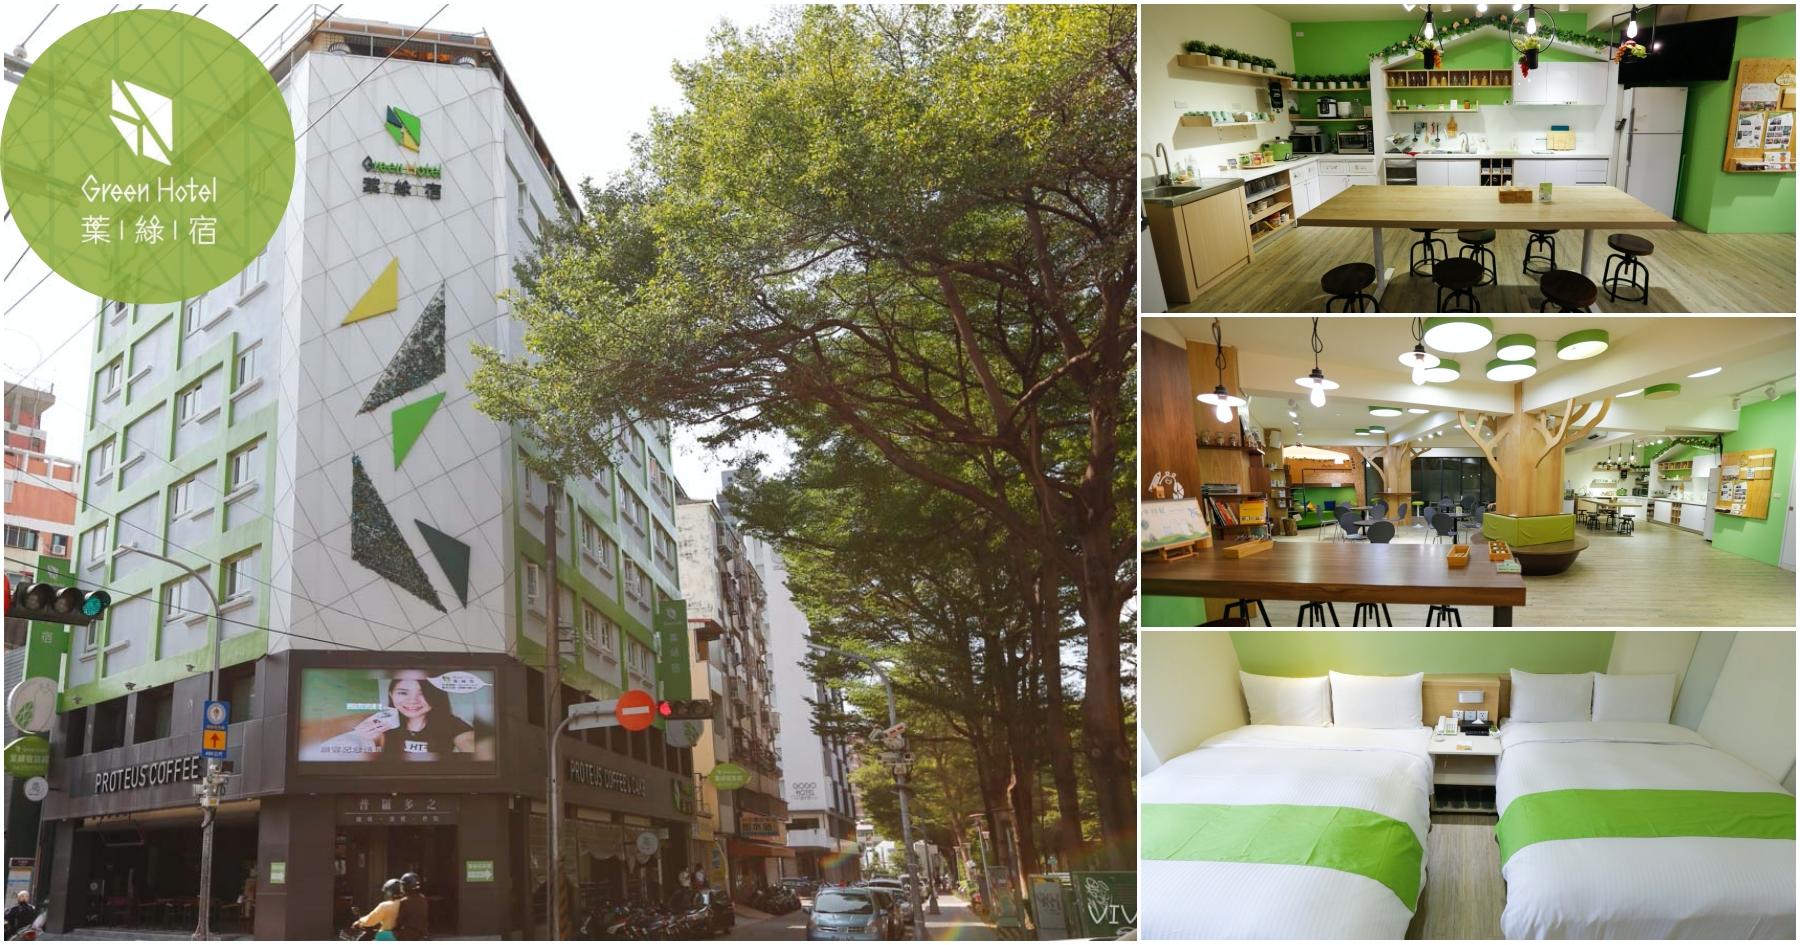 最新推播訊息:[台中住宿]葉綠宿旅館 Green Hotel|逢甲商圈附近的環保清新平價綠色旅店‧13米高植生牆親子飯店